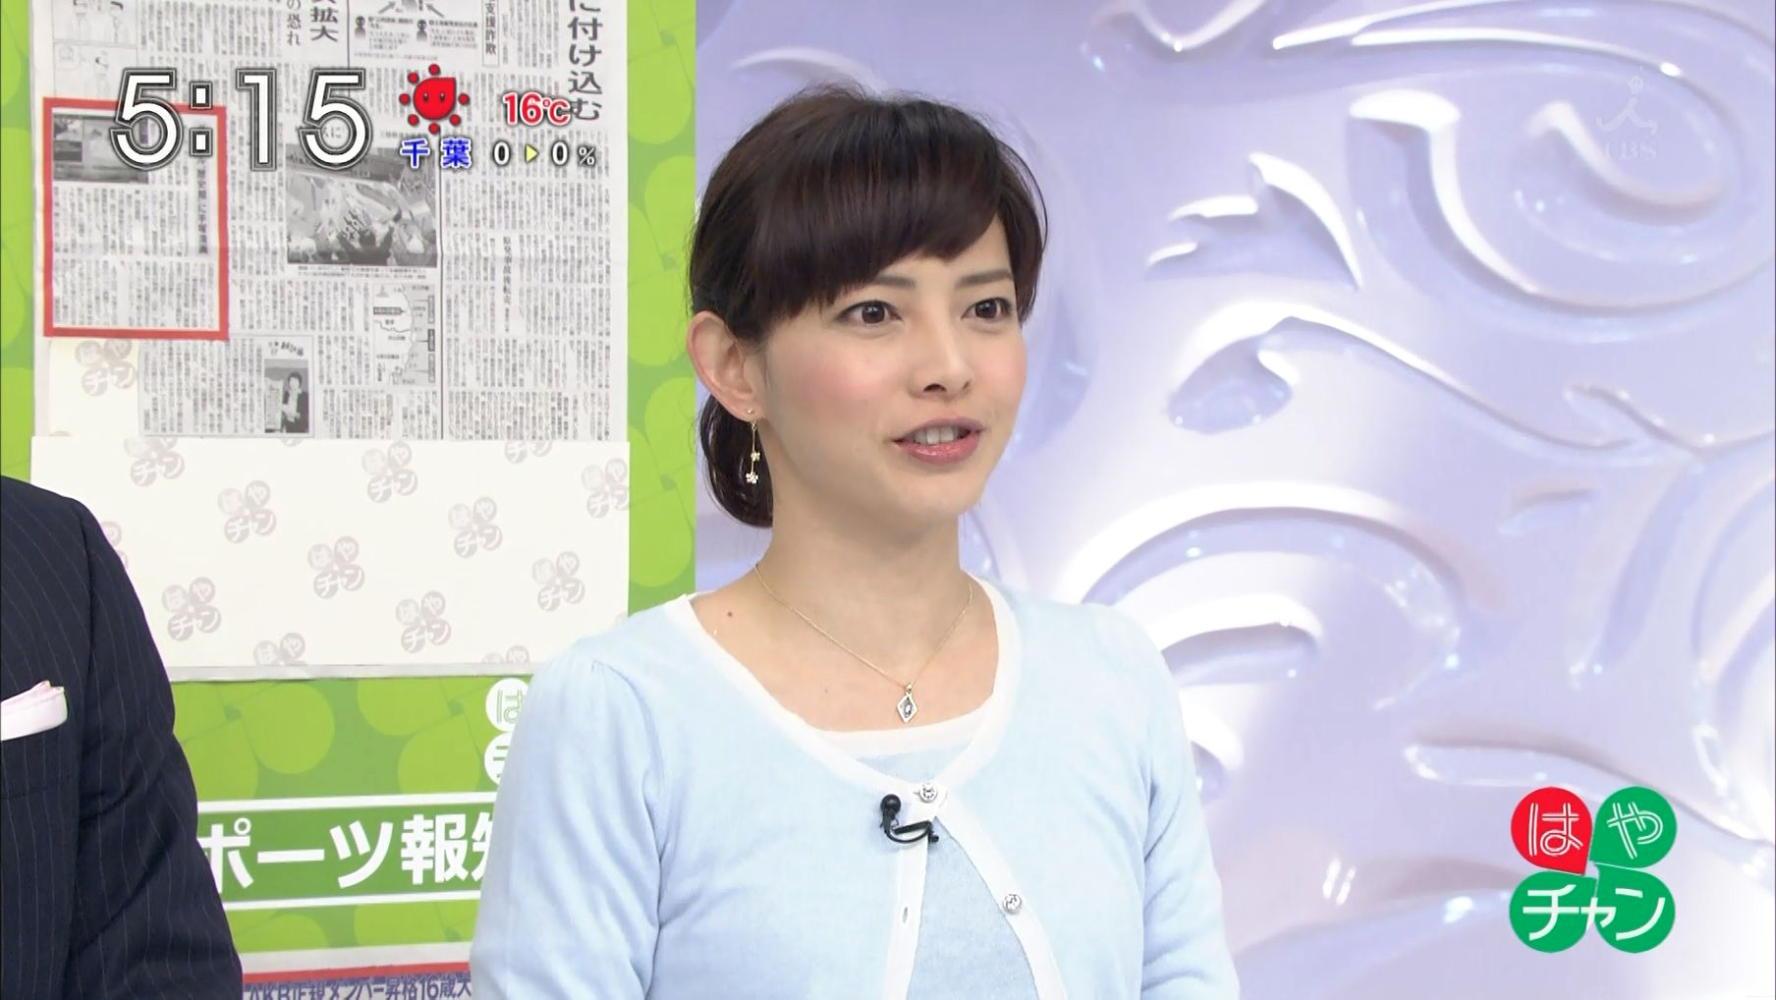 尾崎朋美の画像 p1_22